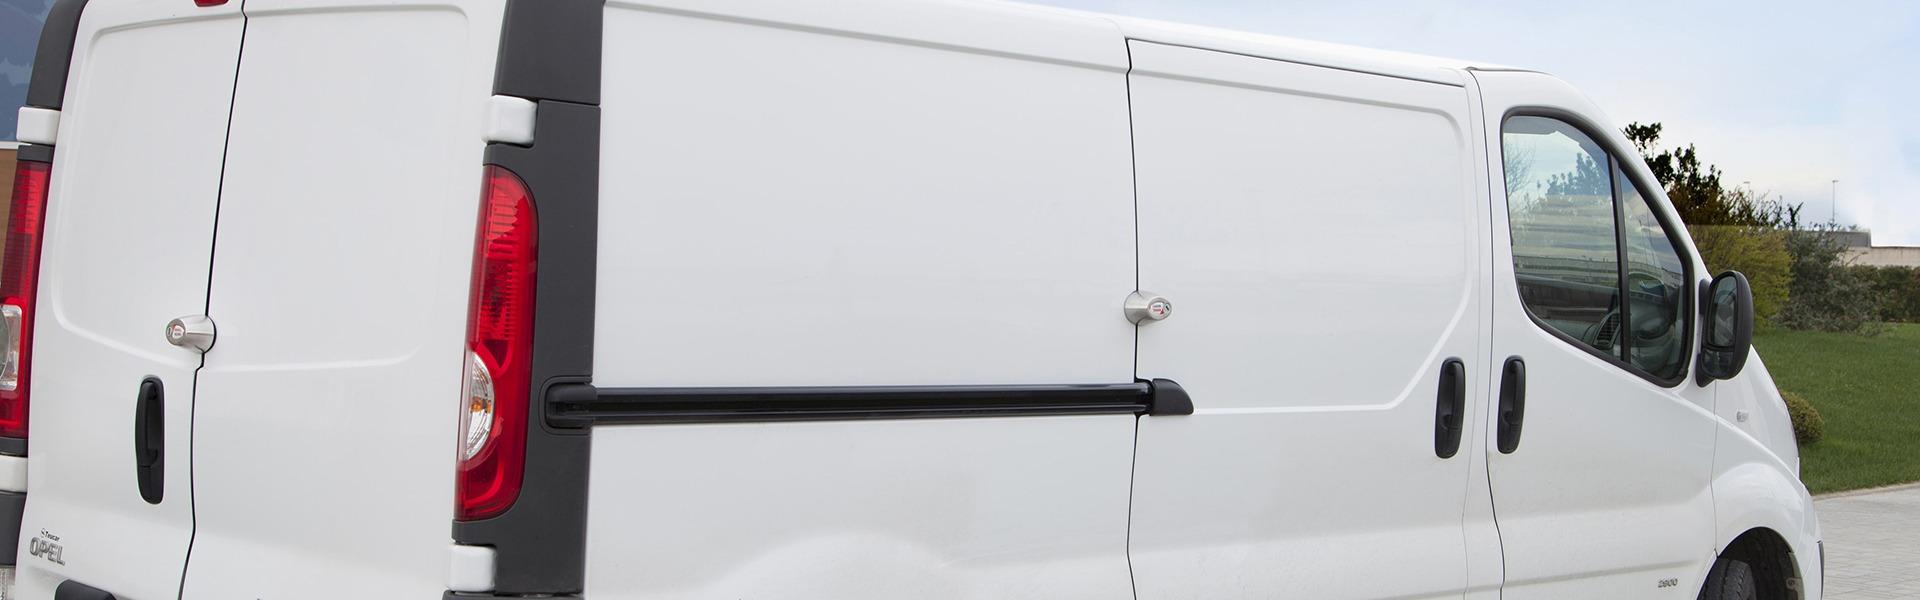 Serrature di sicurezza per furgoni Daken